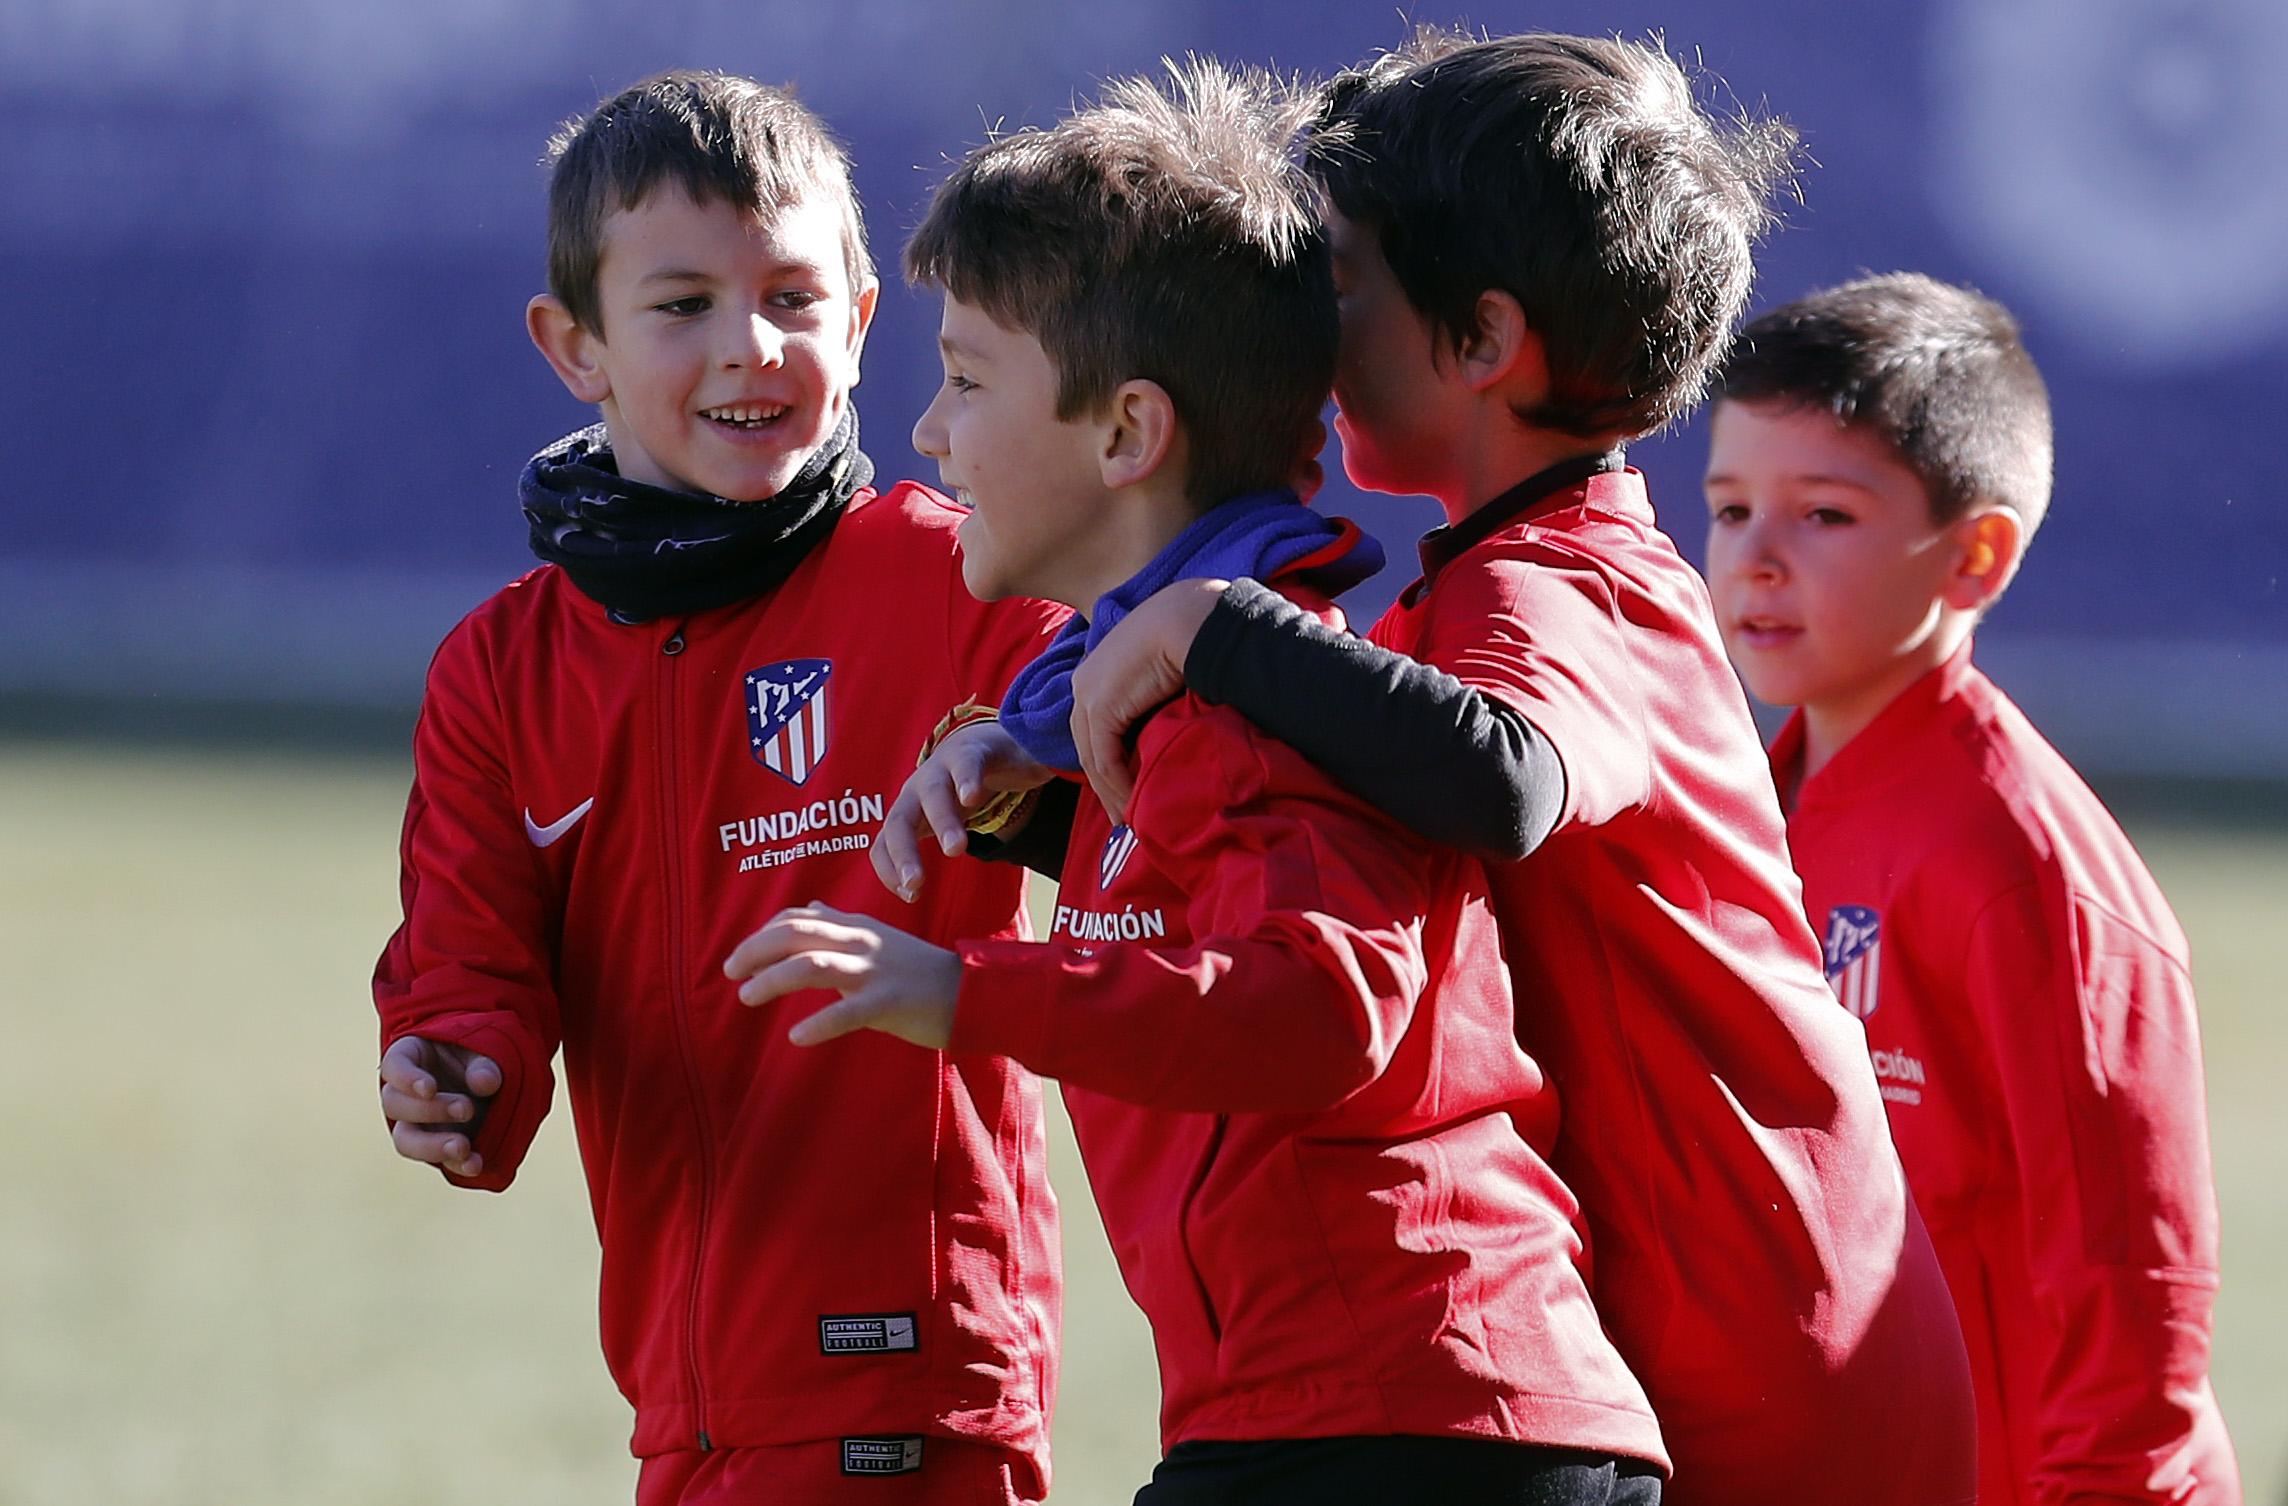 En marcha una nueva Edición de la Escuela de Tecnificación de la Fundación Atlético de Madrid en Segovia